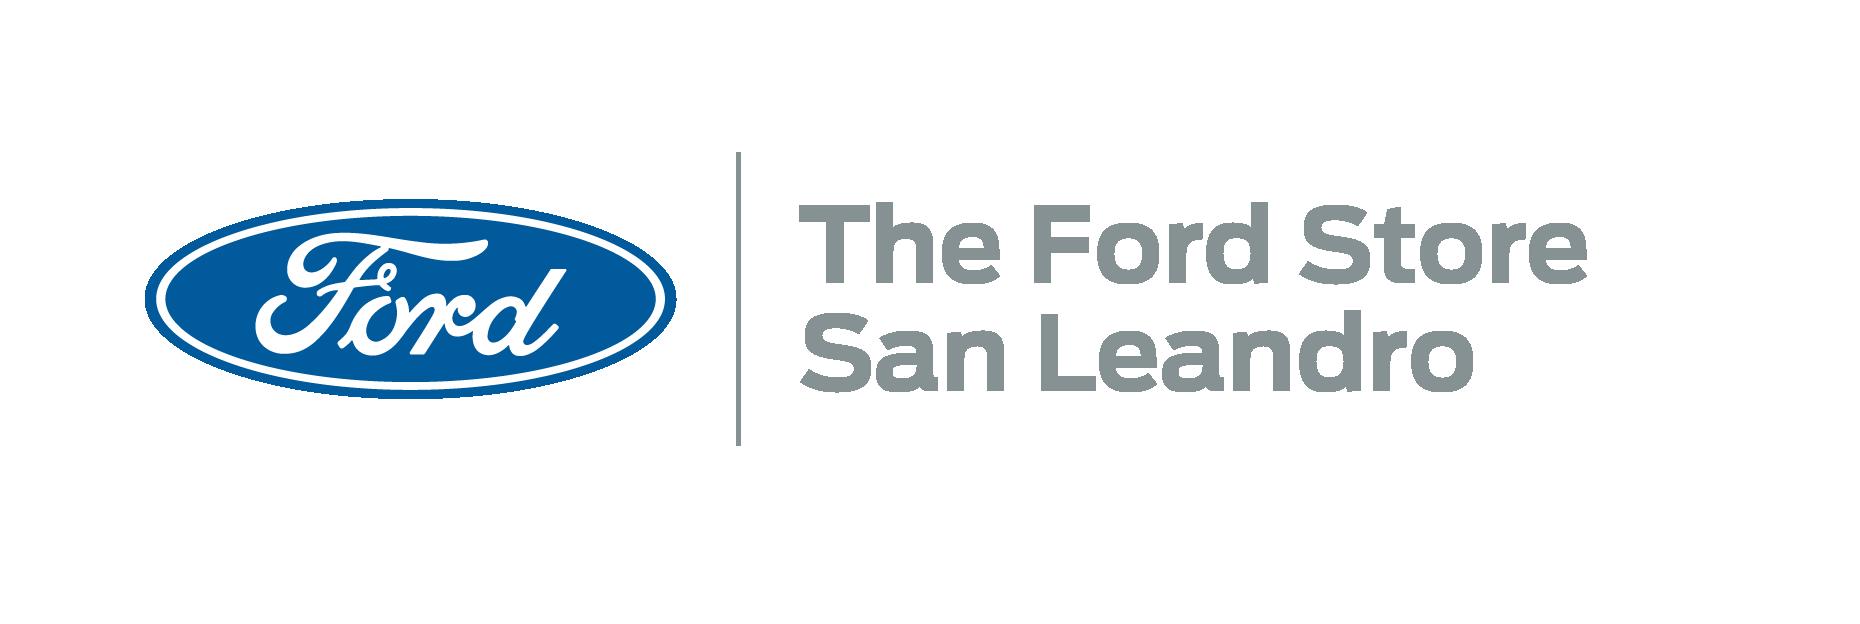 Ford Store San Leandro dealer logo